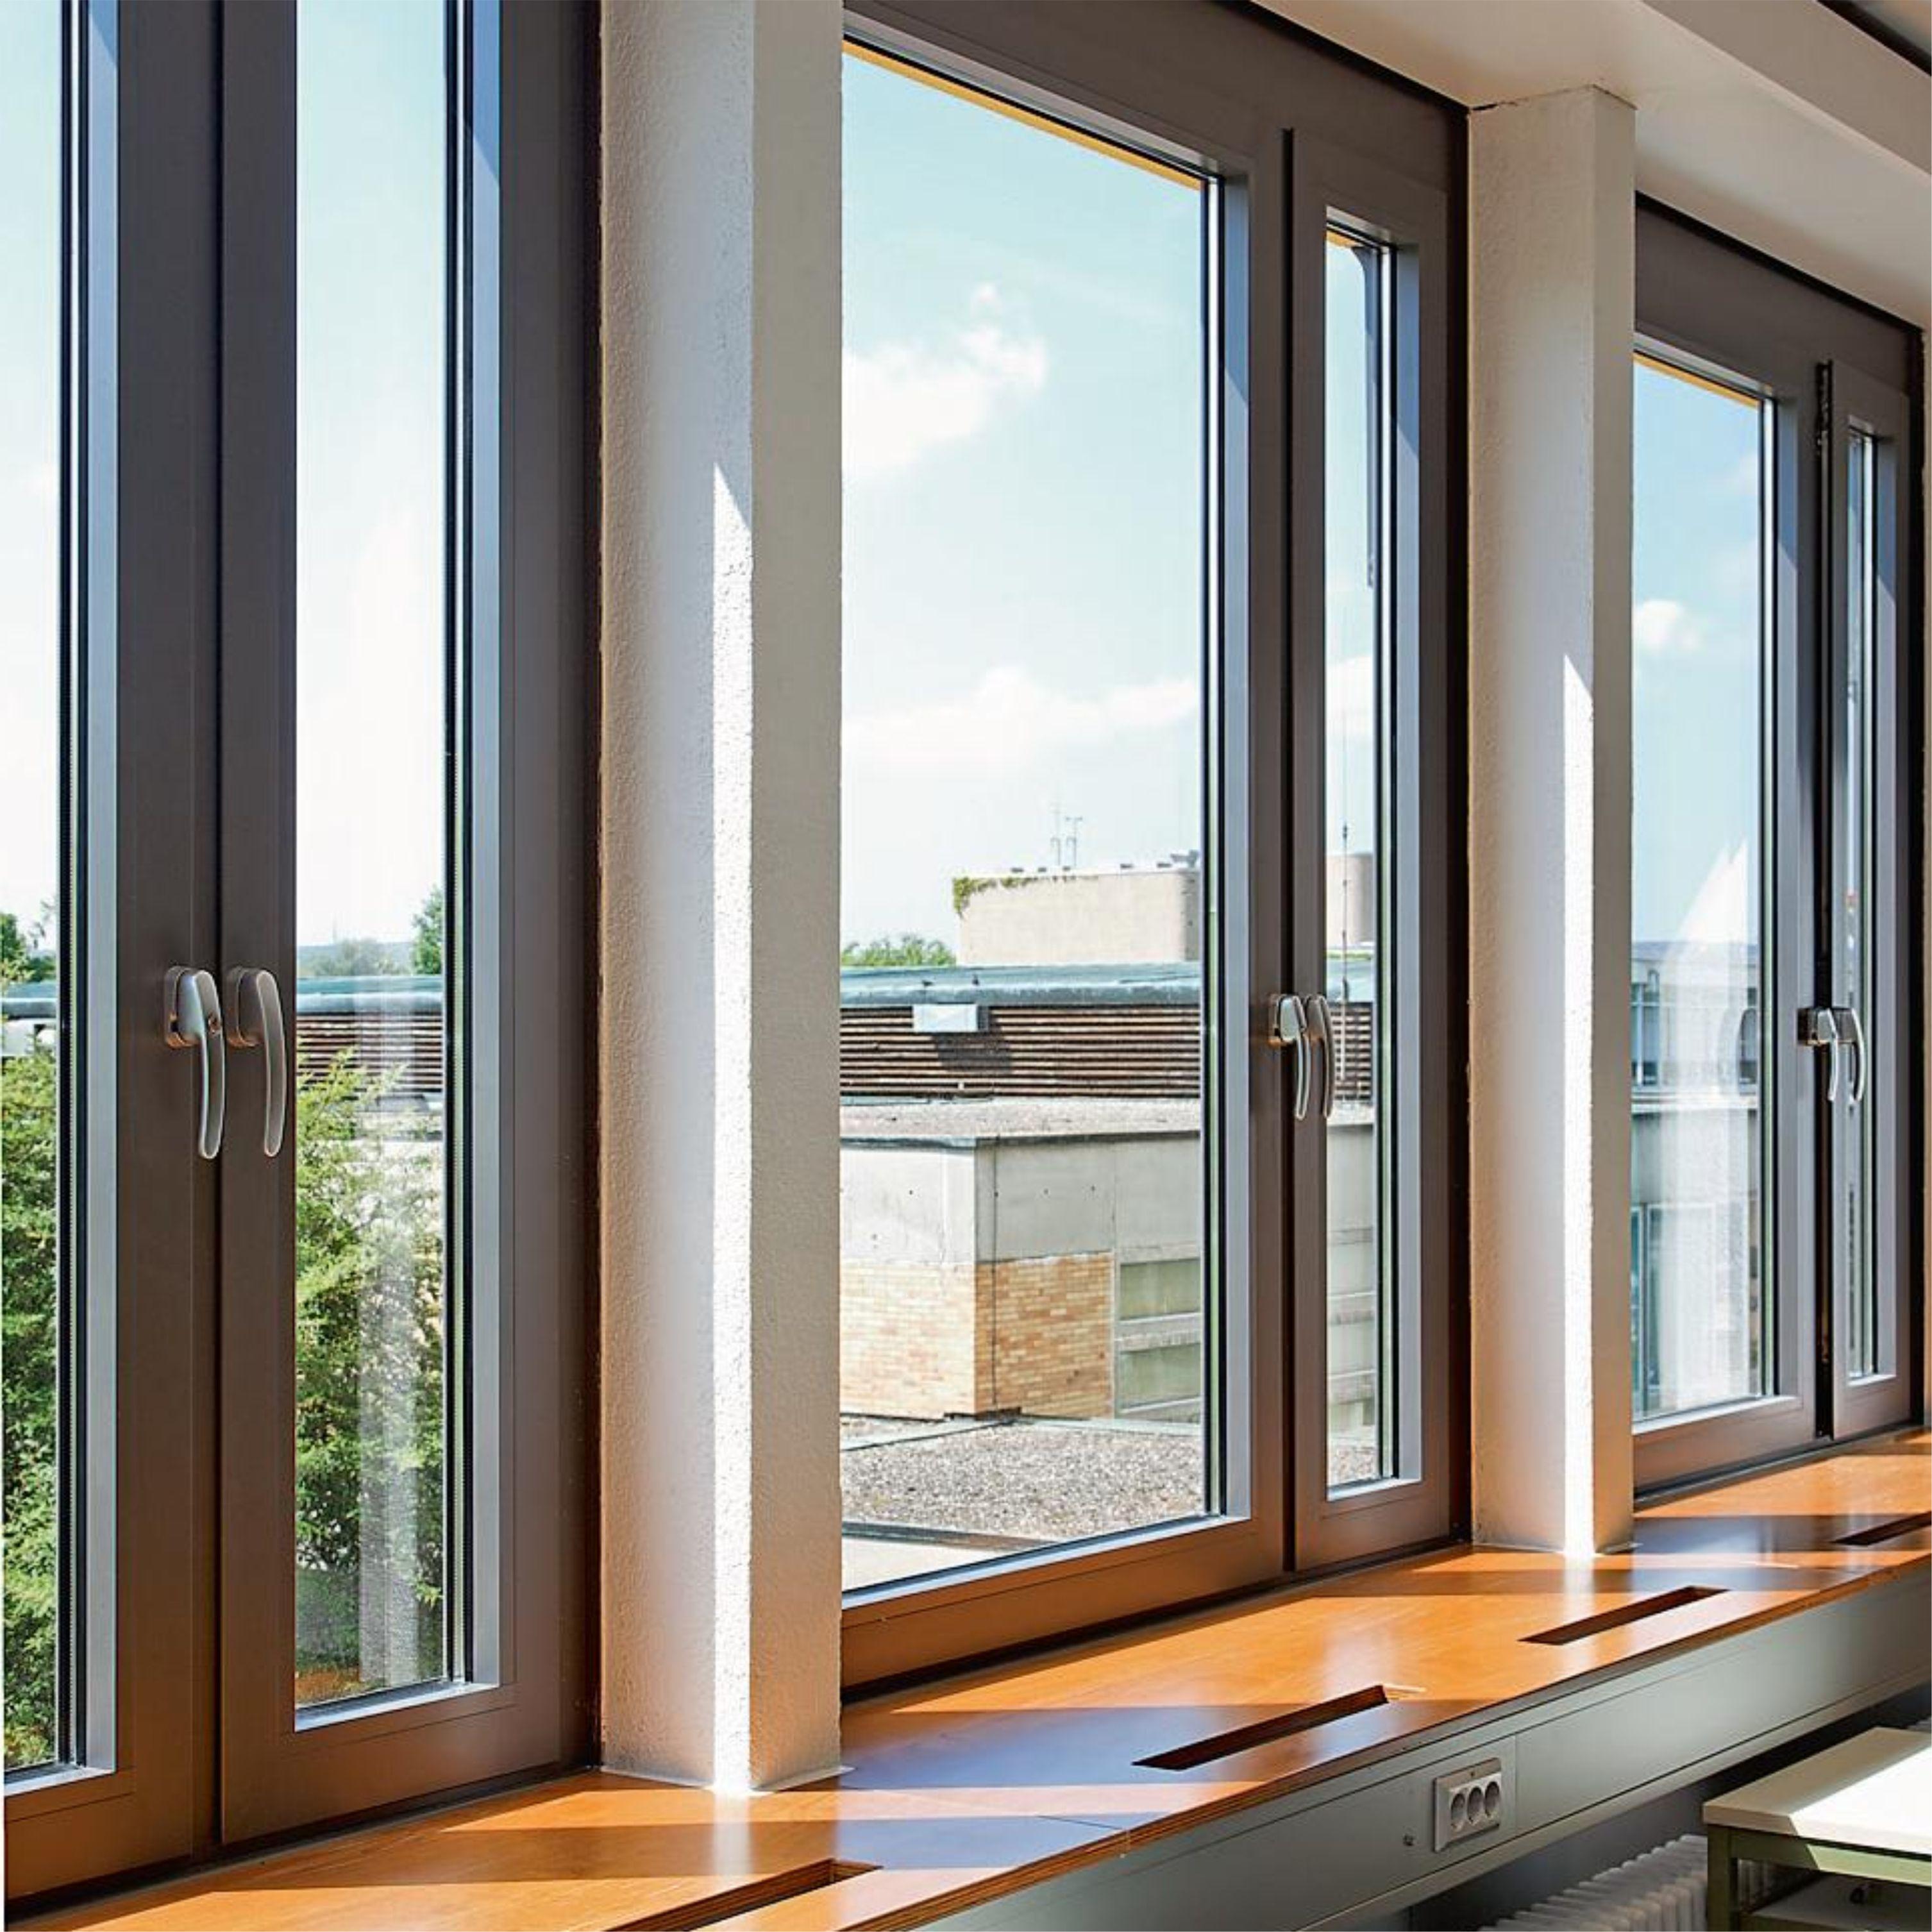 Выбор пластикового окна на кухню. какое лучше поставить? | а за окном